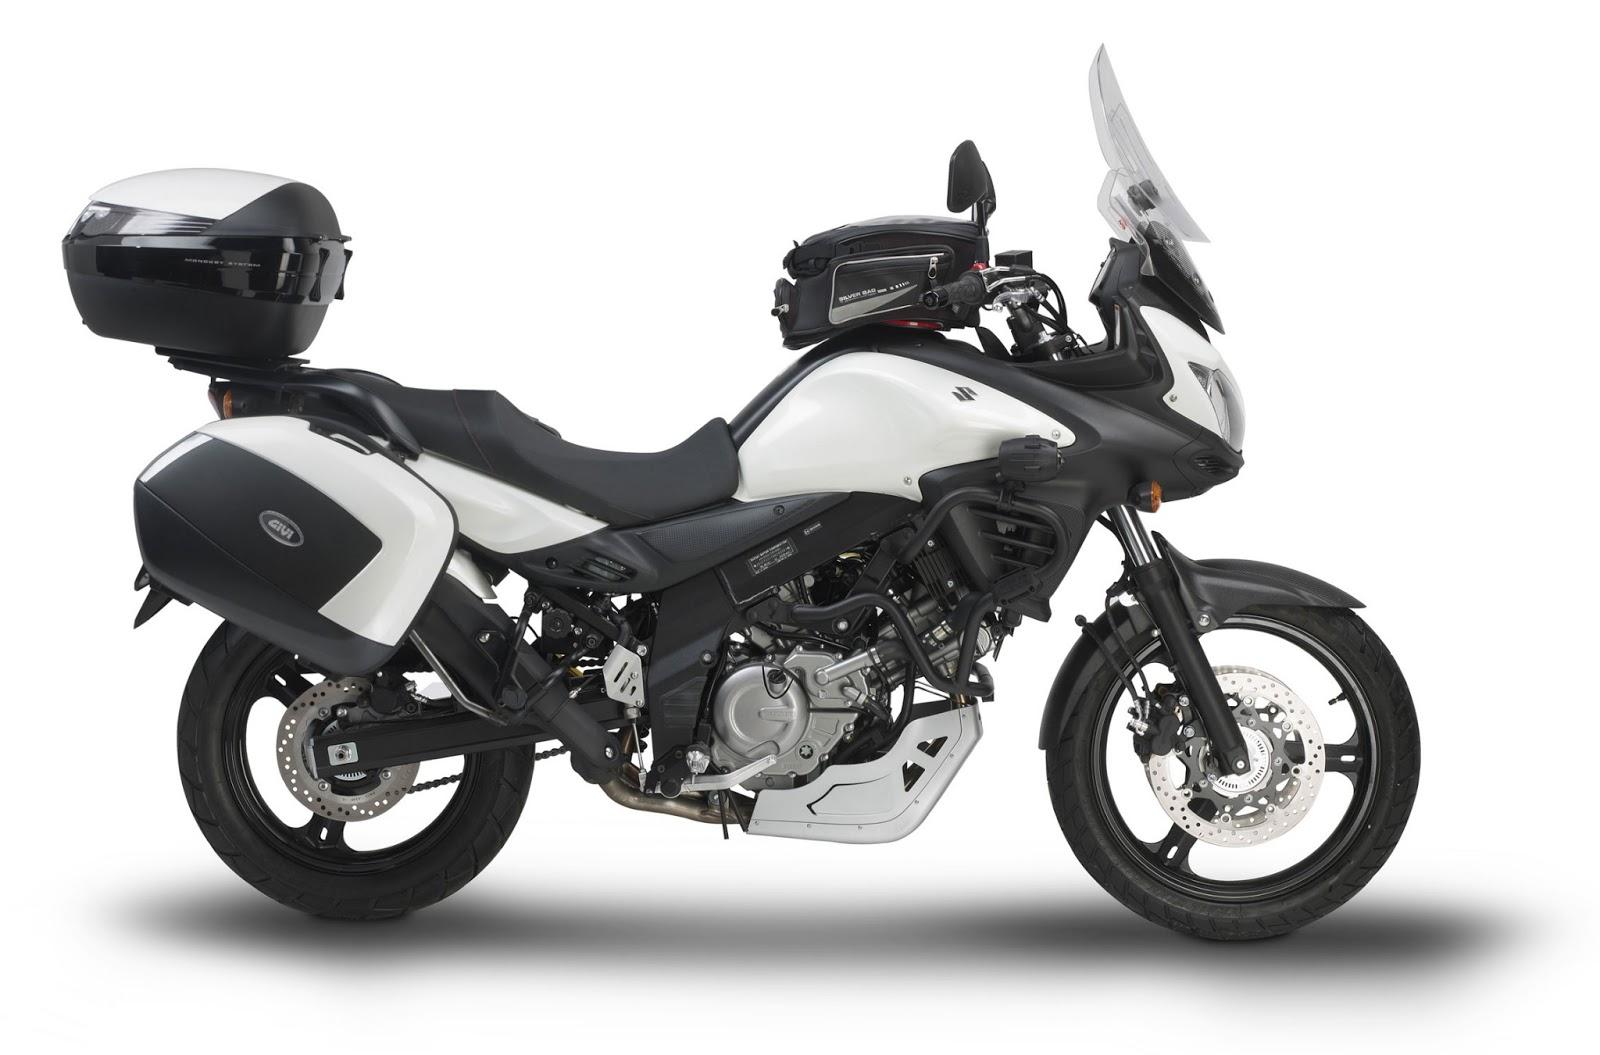 http://4.bp.blogspot.com/-48iVQqhbkwQ/UTmUbL9SVRI/AAAAAAAADCE/mKS2_wjUioI/s1600/Suzuki+V-Strom+650+ABS+3.jpg